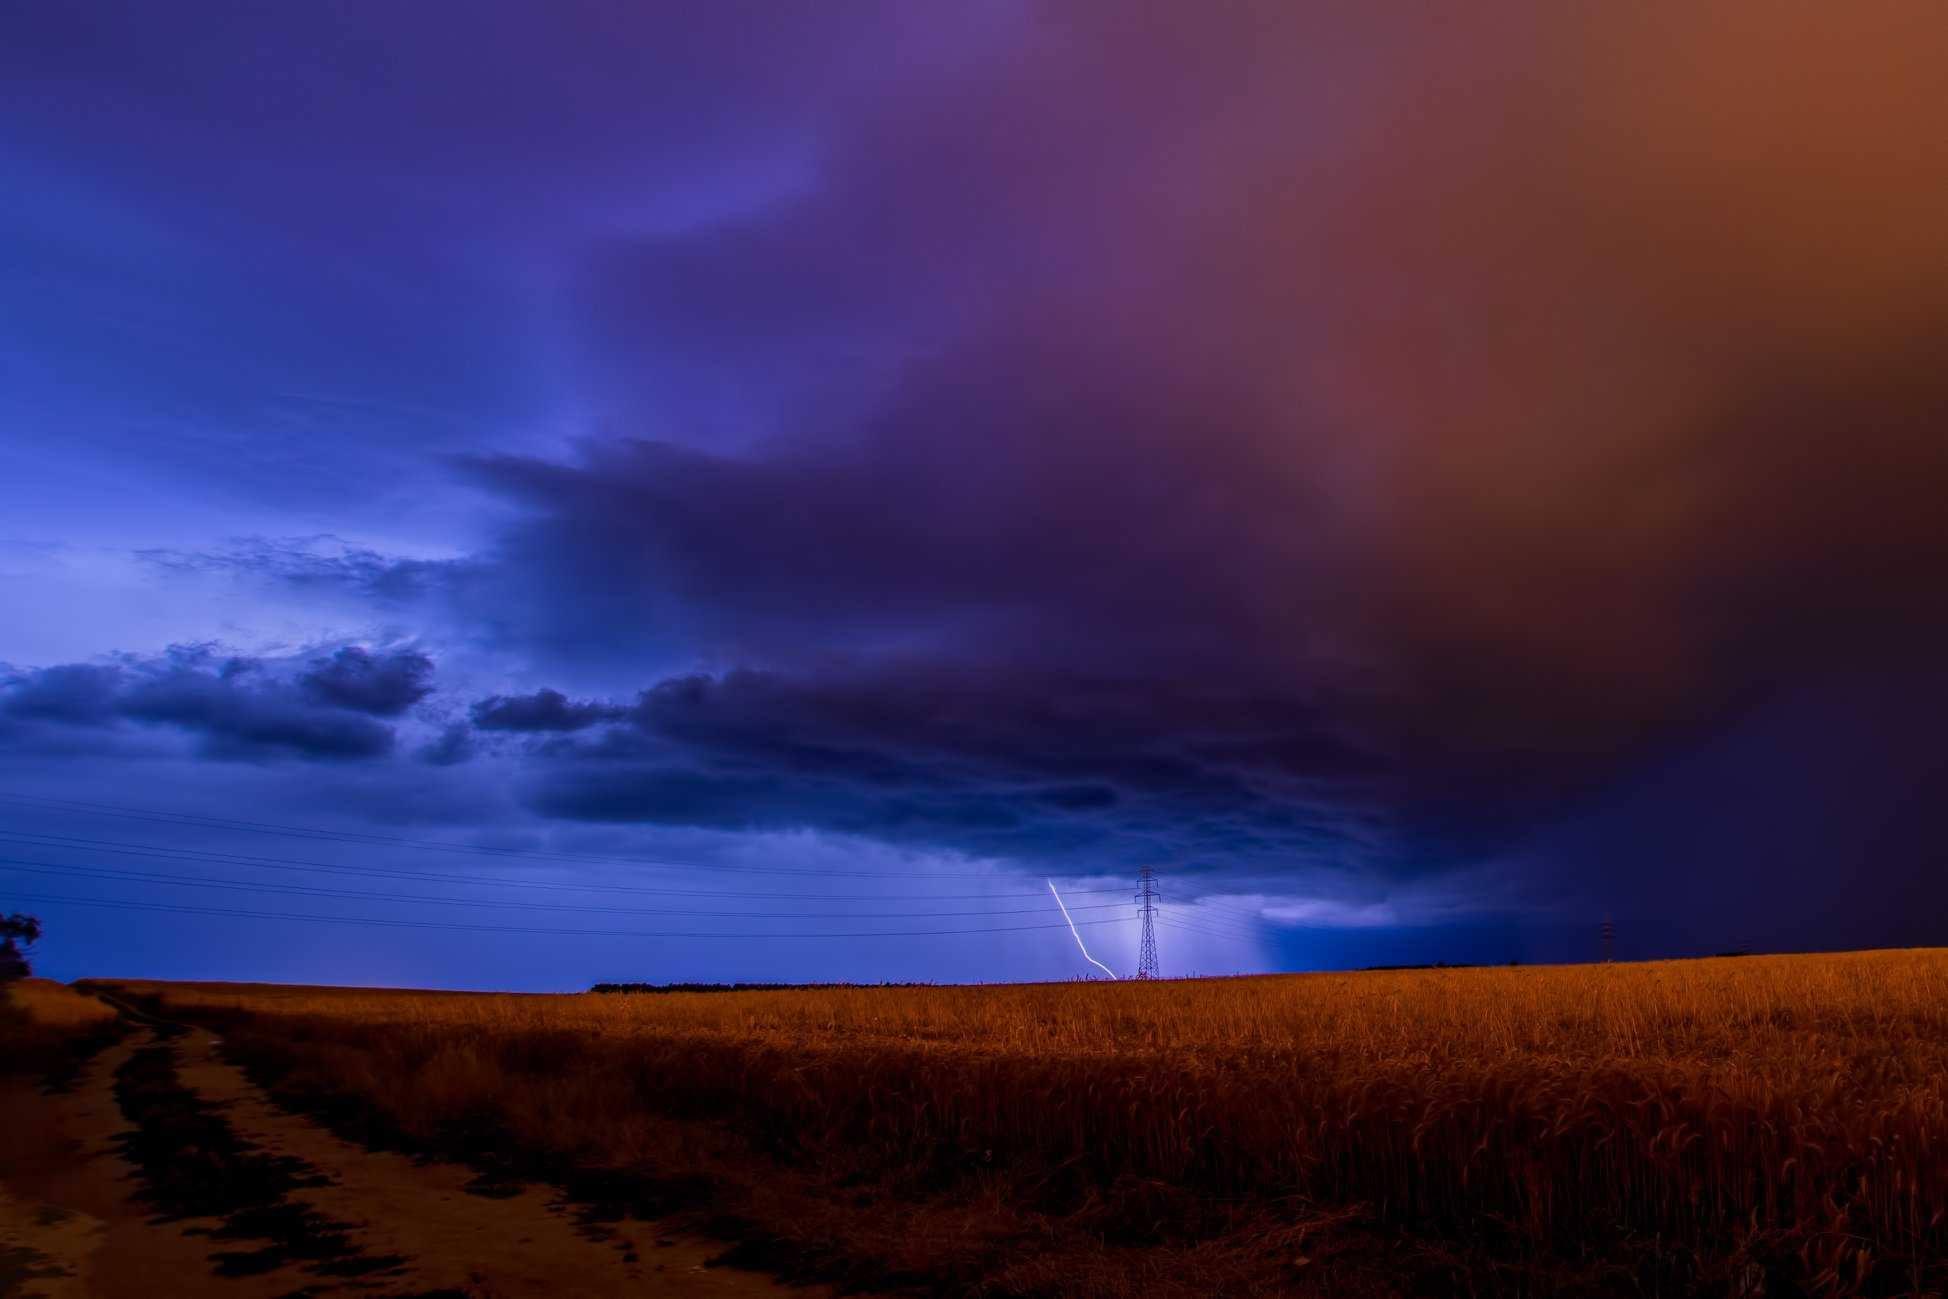 Atenţionare de călătorie emisă de MAE. Greve şi fenomene meteo extreme în Spania